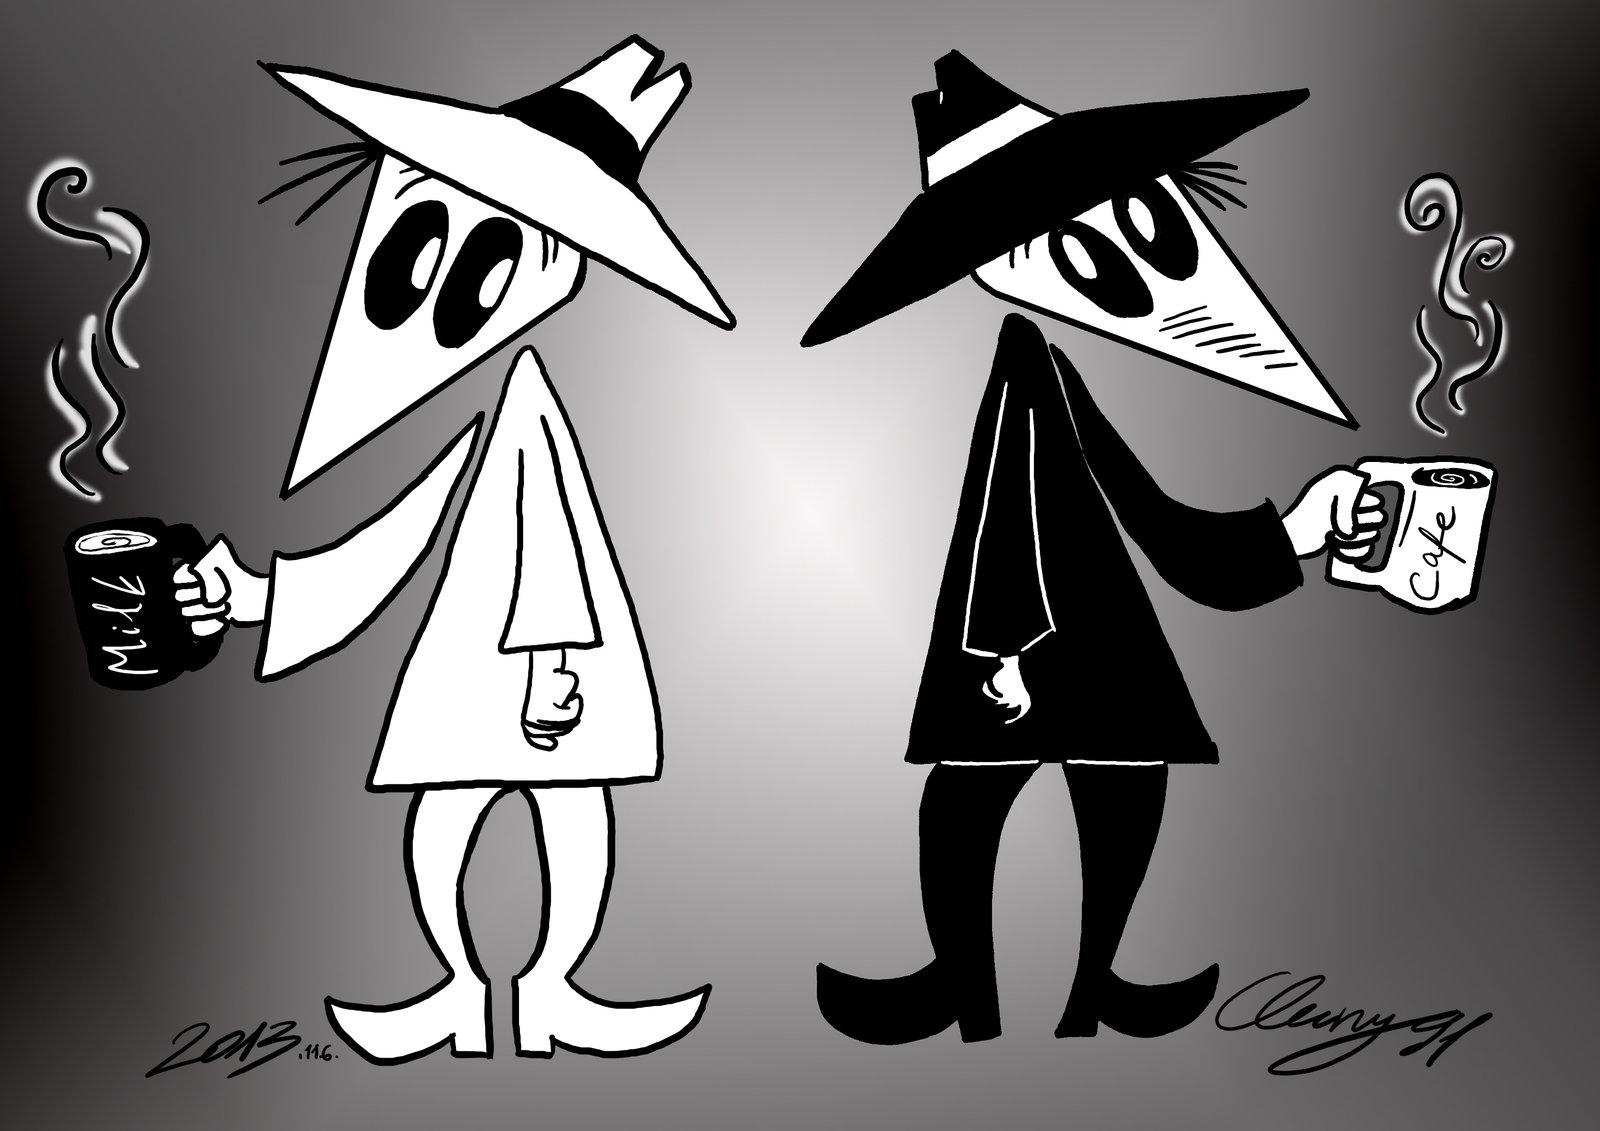 Spy Vs. Spy #4